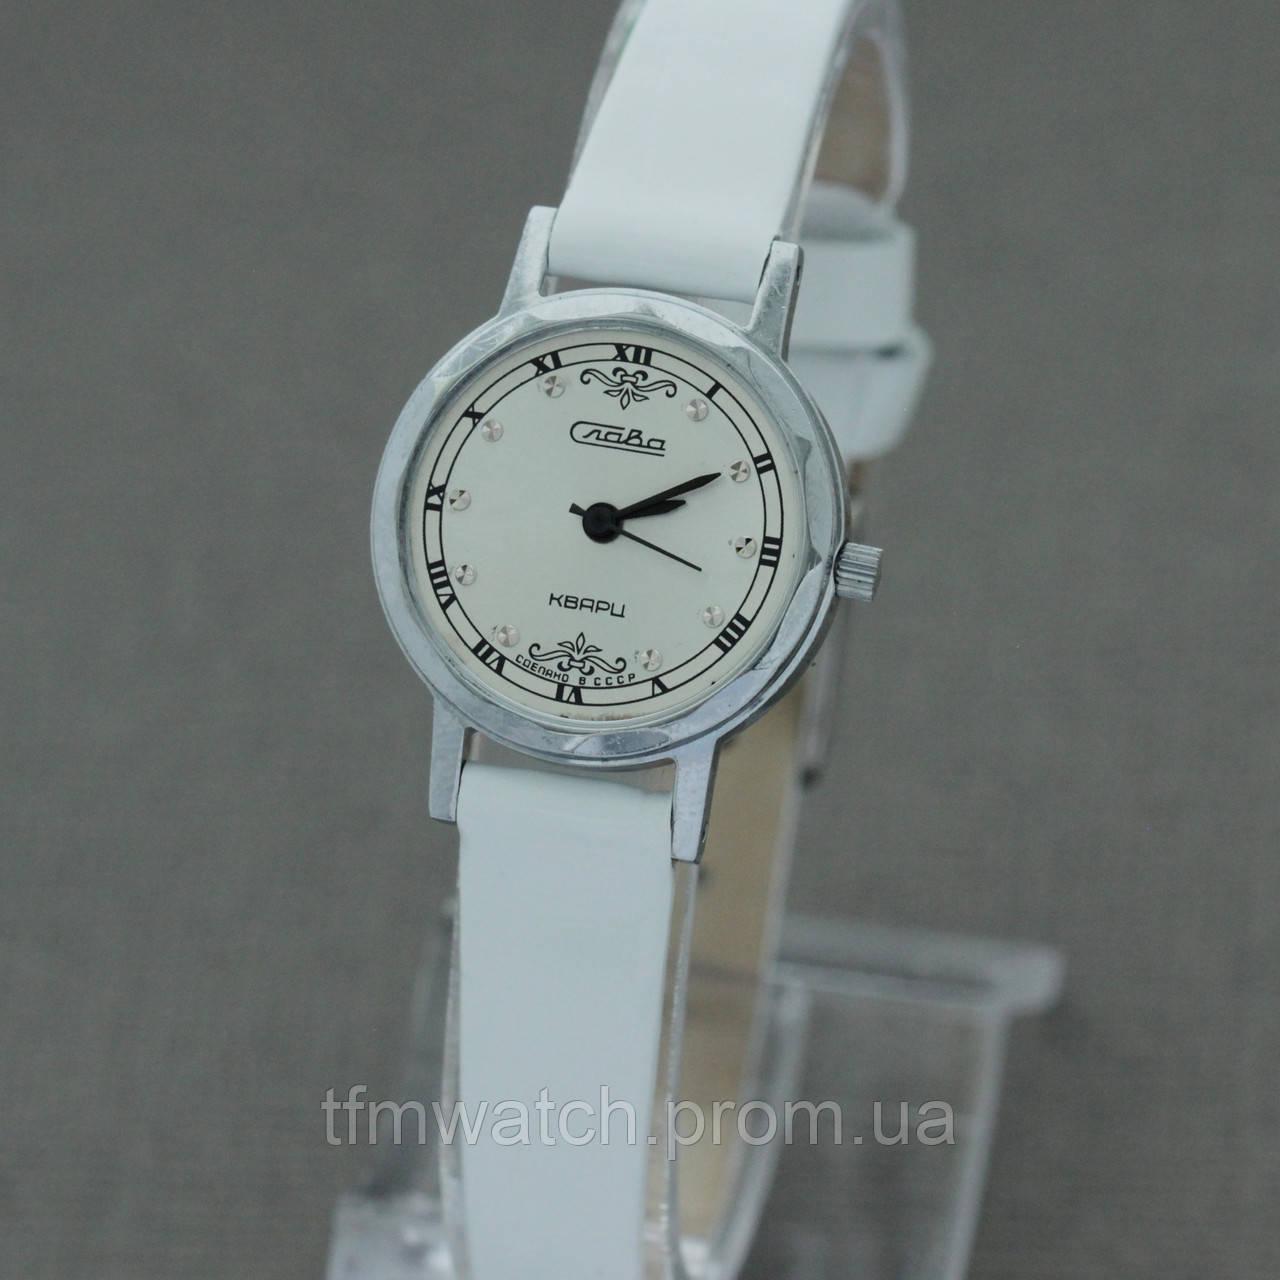 Стоимость слава женские часы наручные продам часы тверь